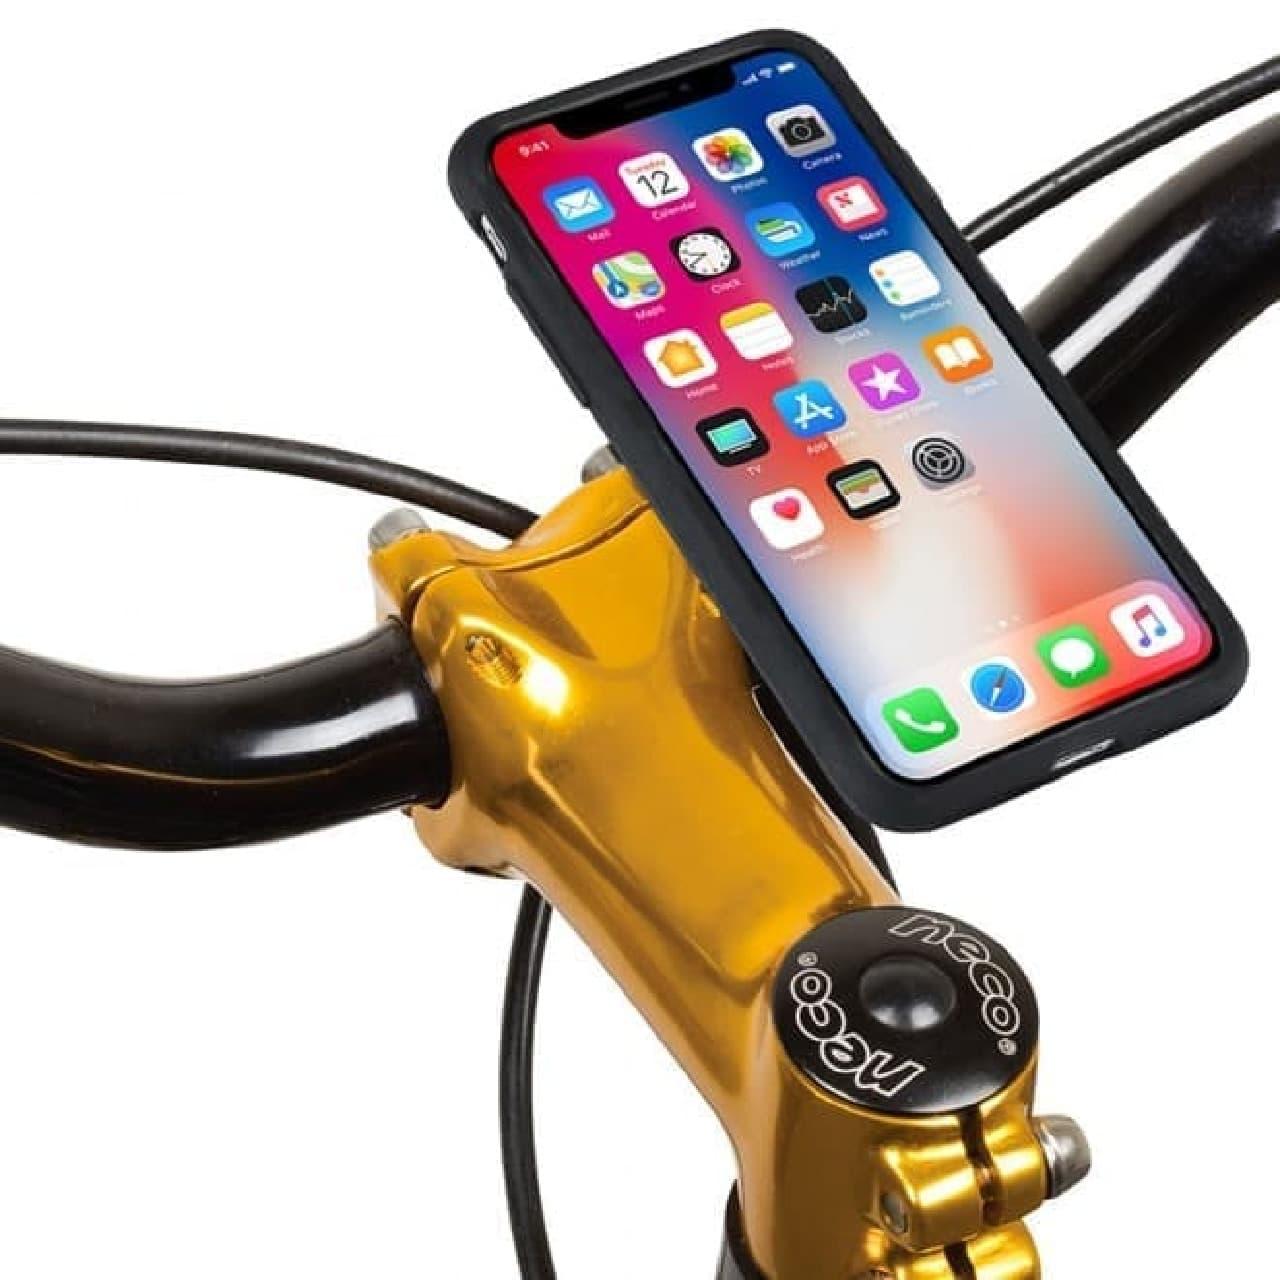 自転車用スマートフォンホルダー「MountCase(マウントケース)」